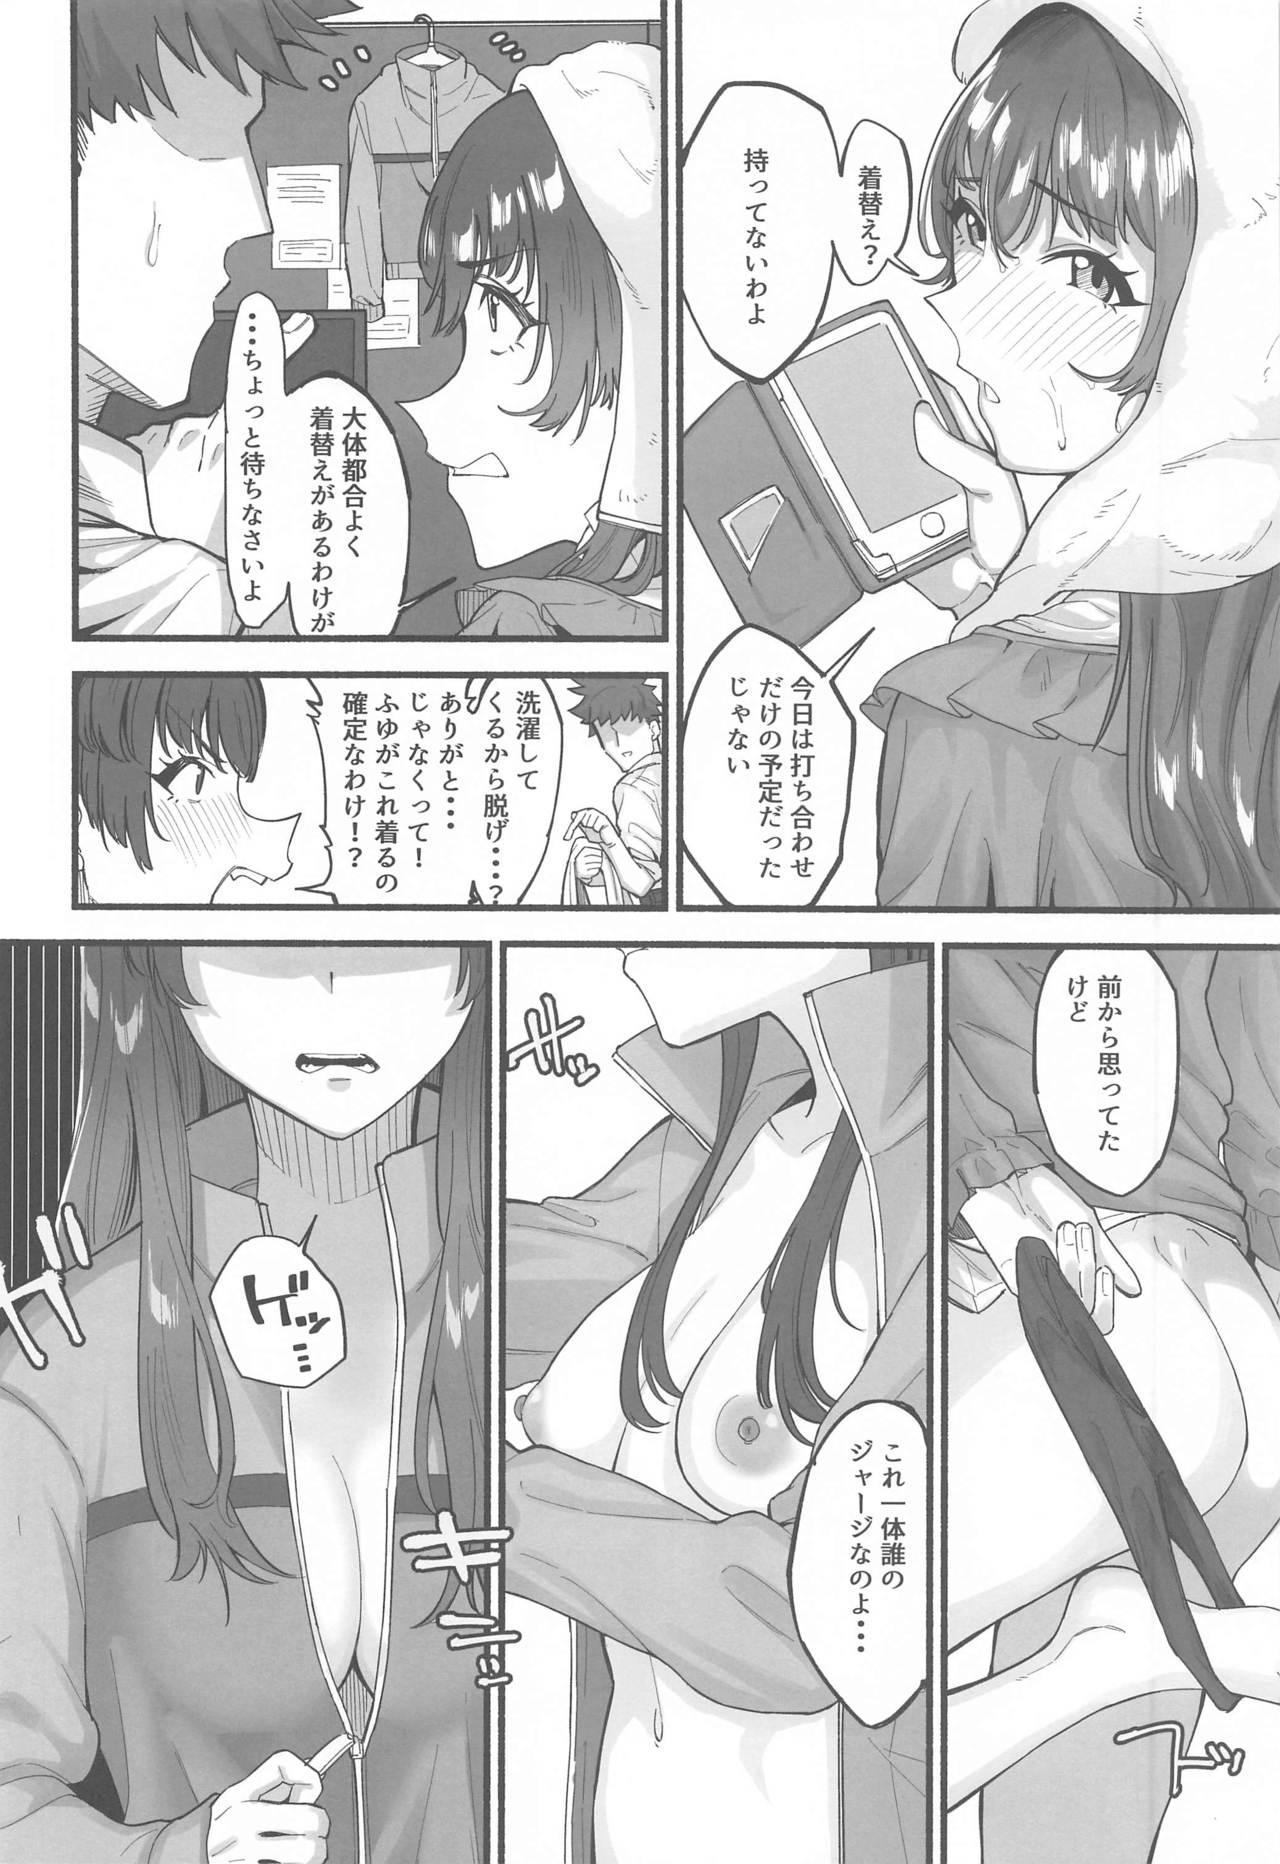 Anta wa Koko de Fuyu to Iku no yo 54